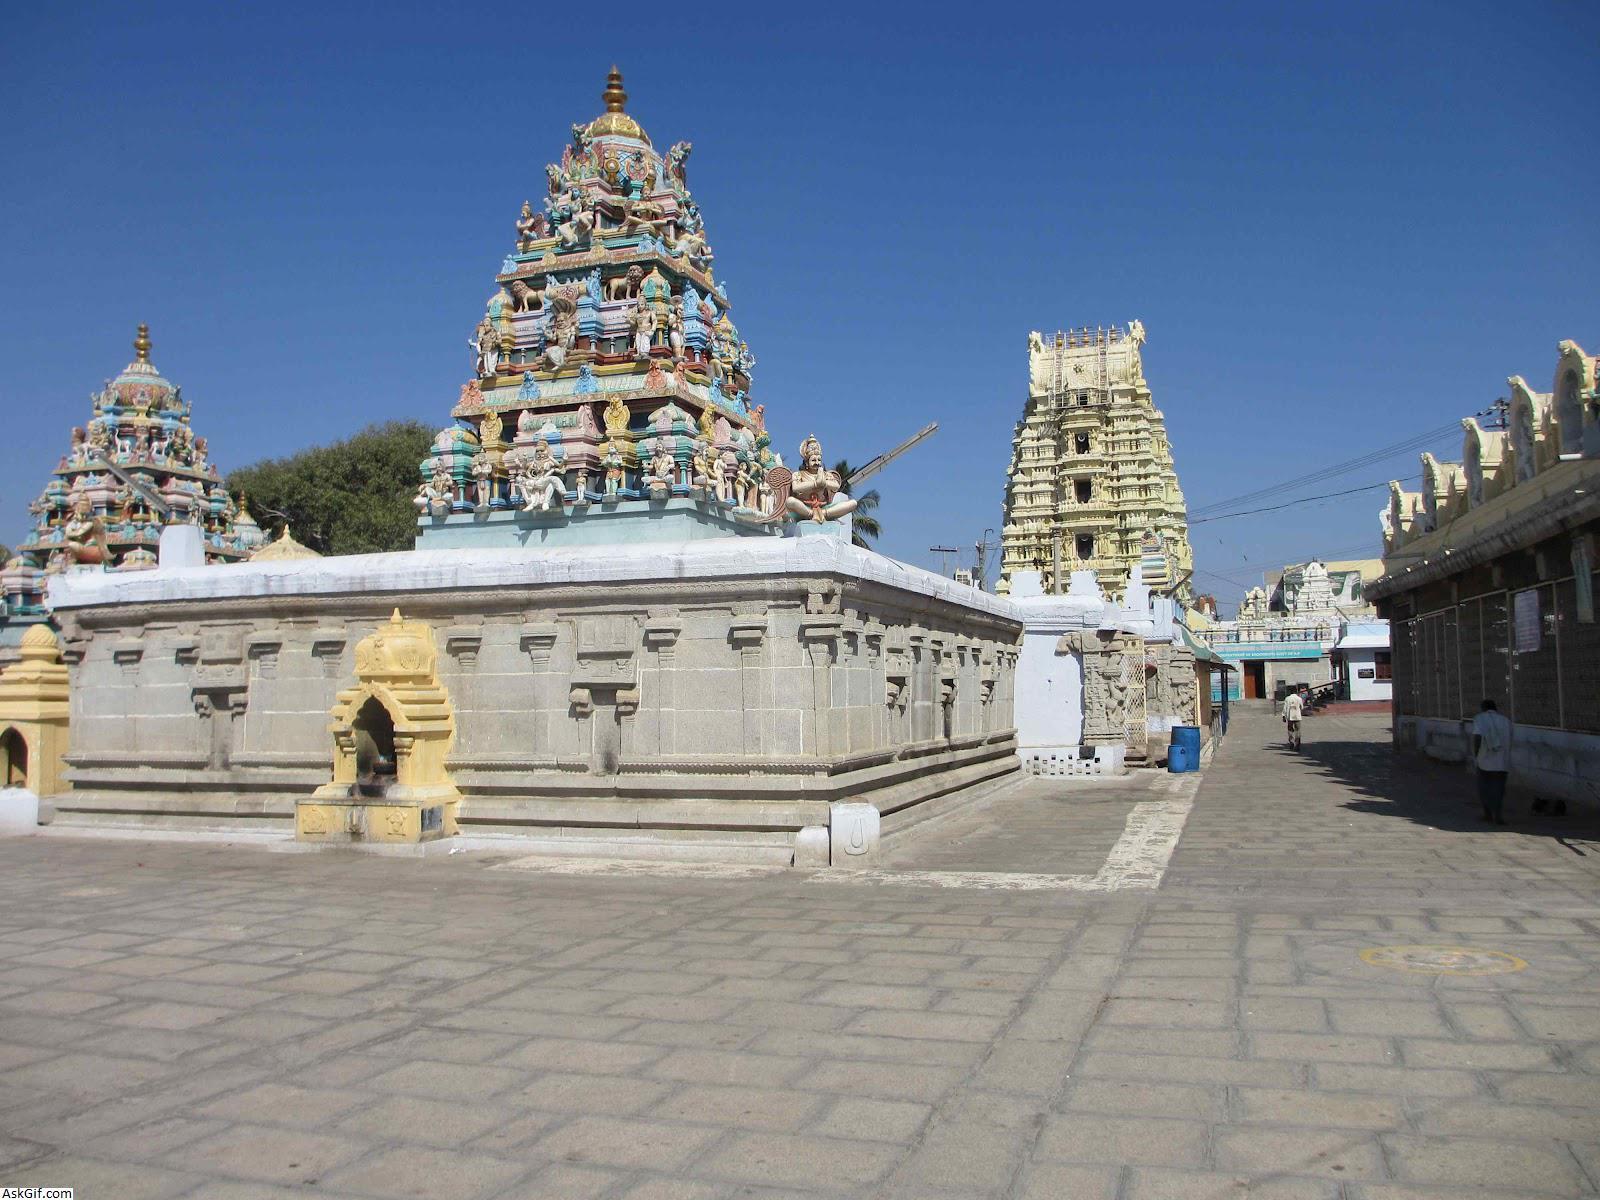 14. Sri Kadiri Laxmi Narasimha Swamy Temple